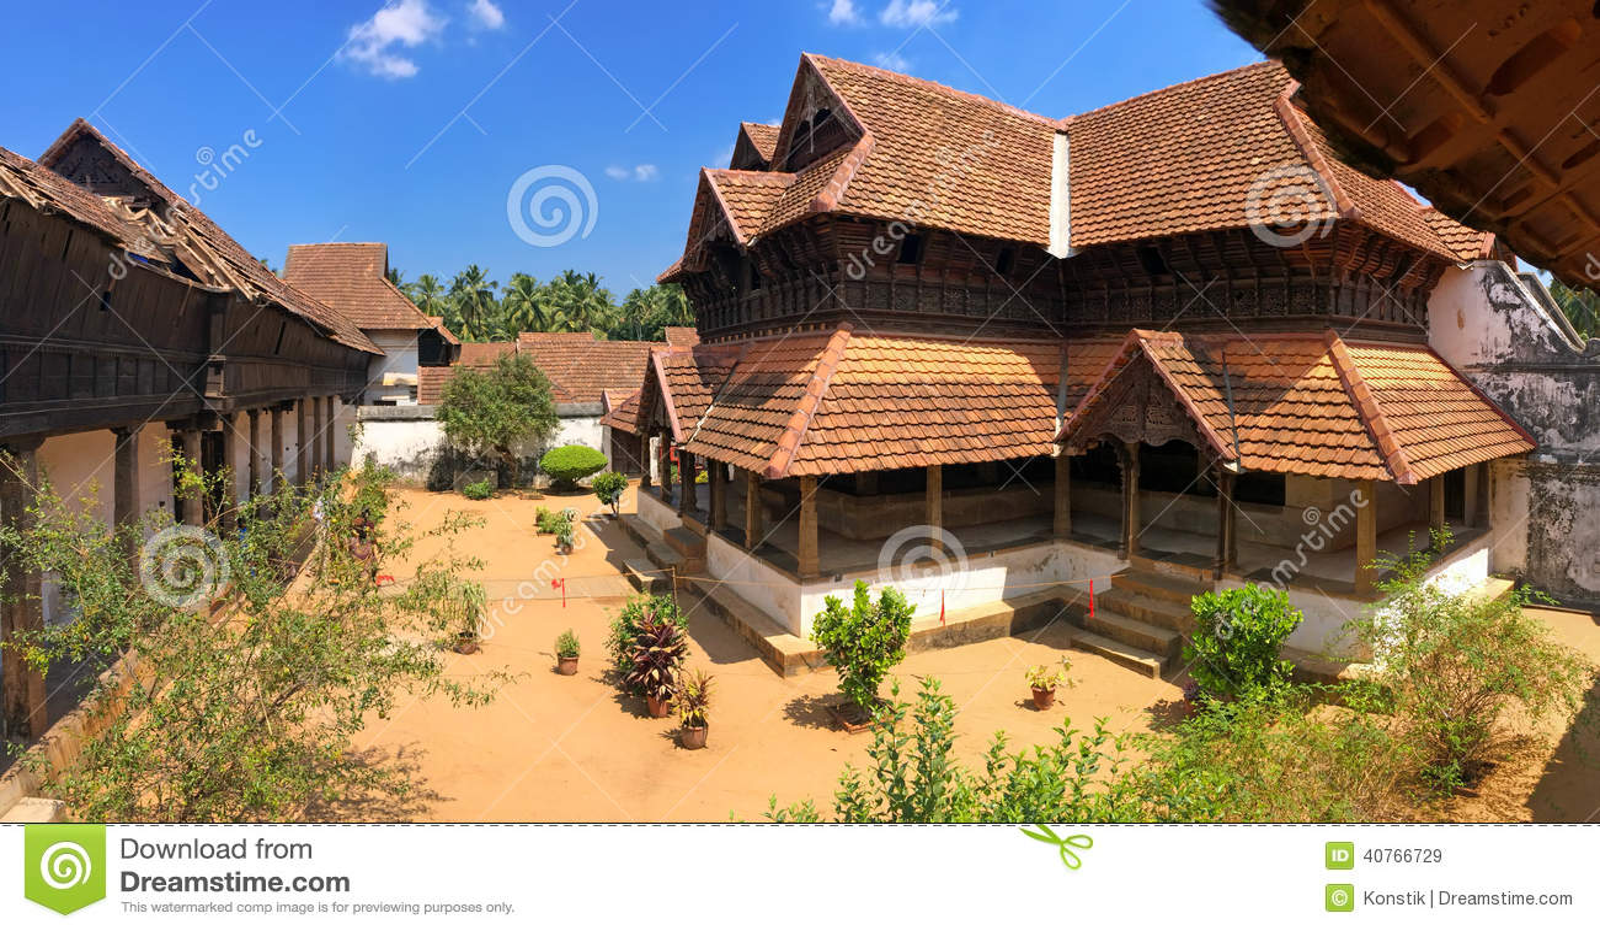 Wooden palace Padmanabhapuram of the maharaja in Trivandrum